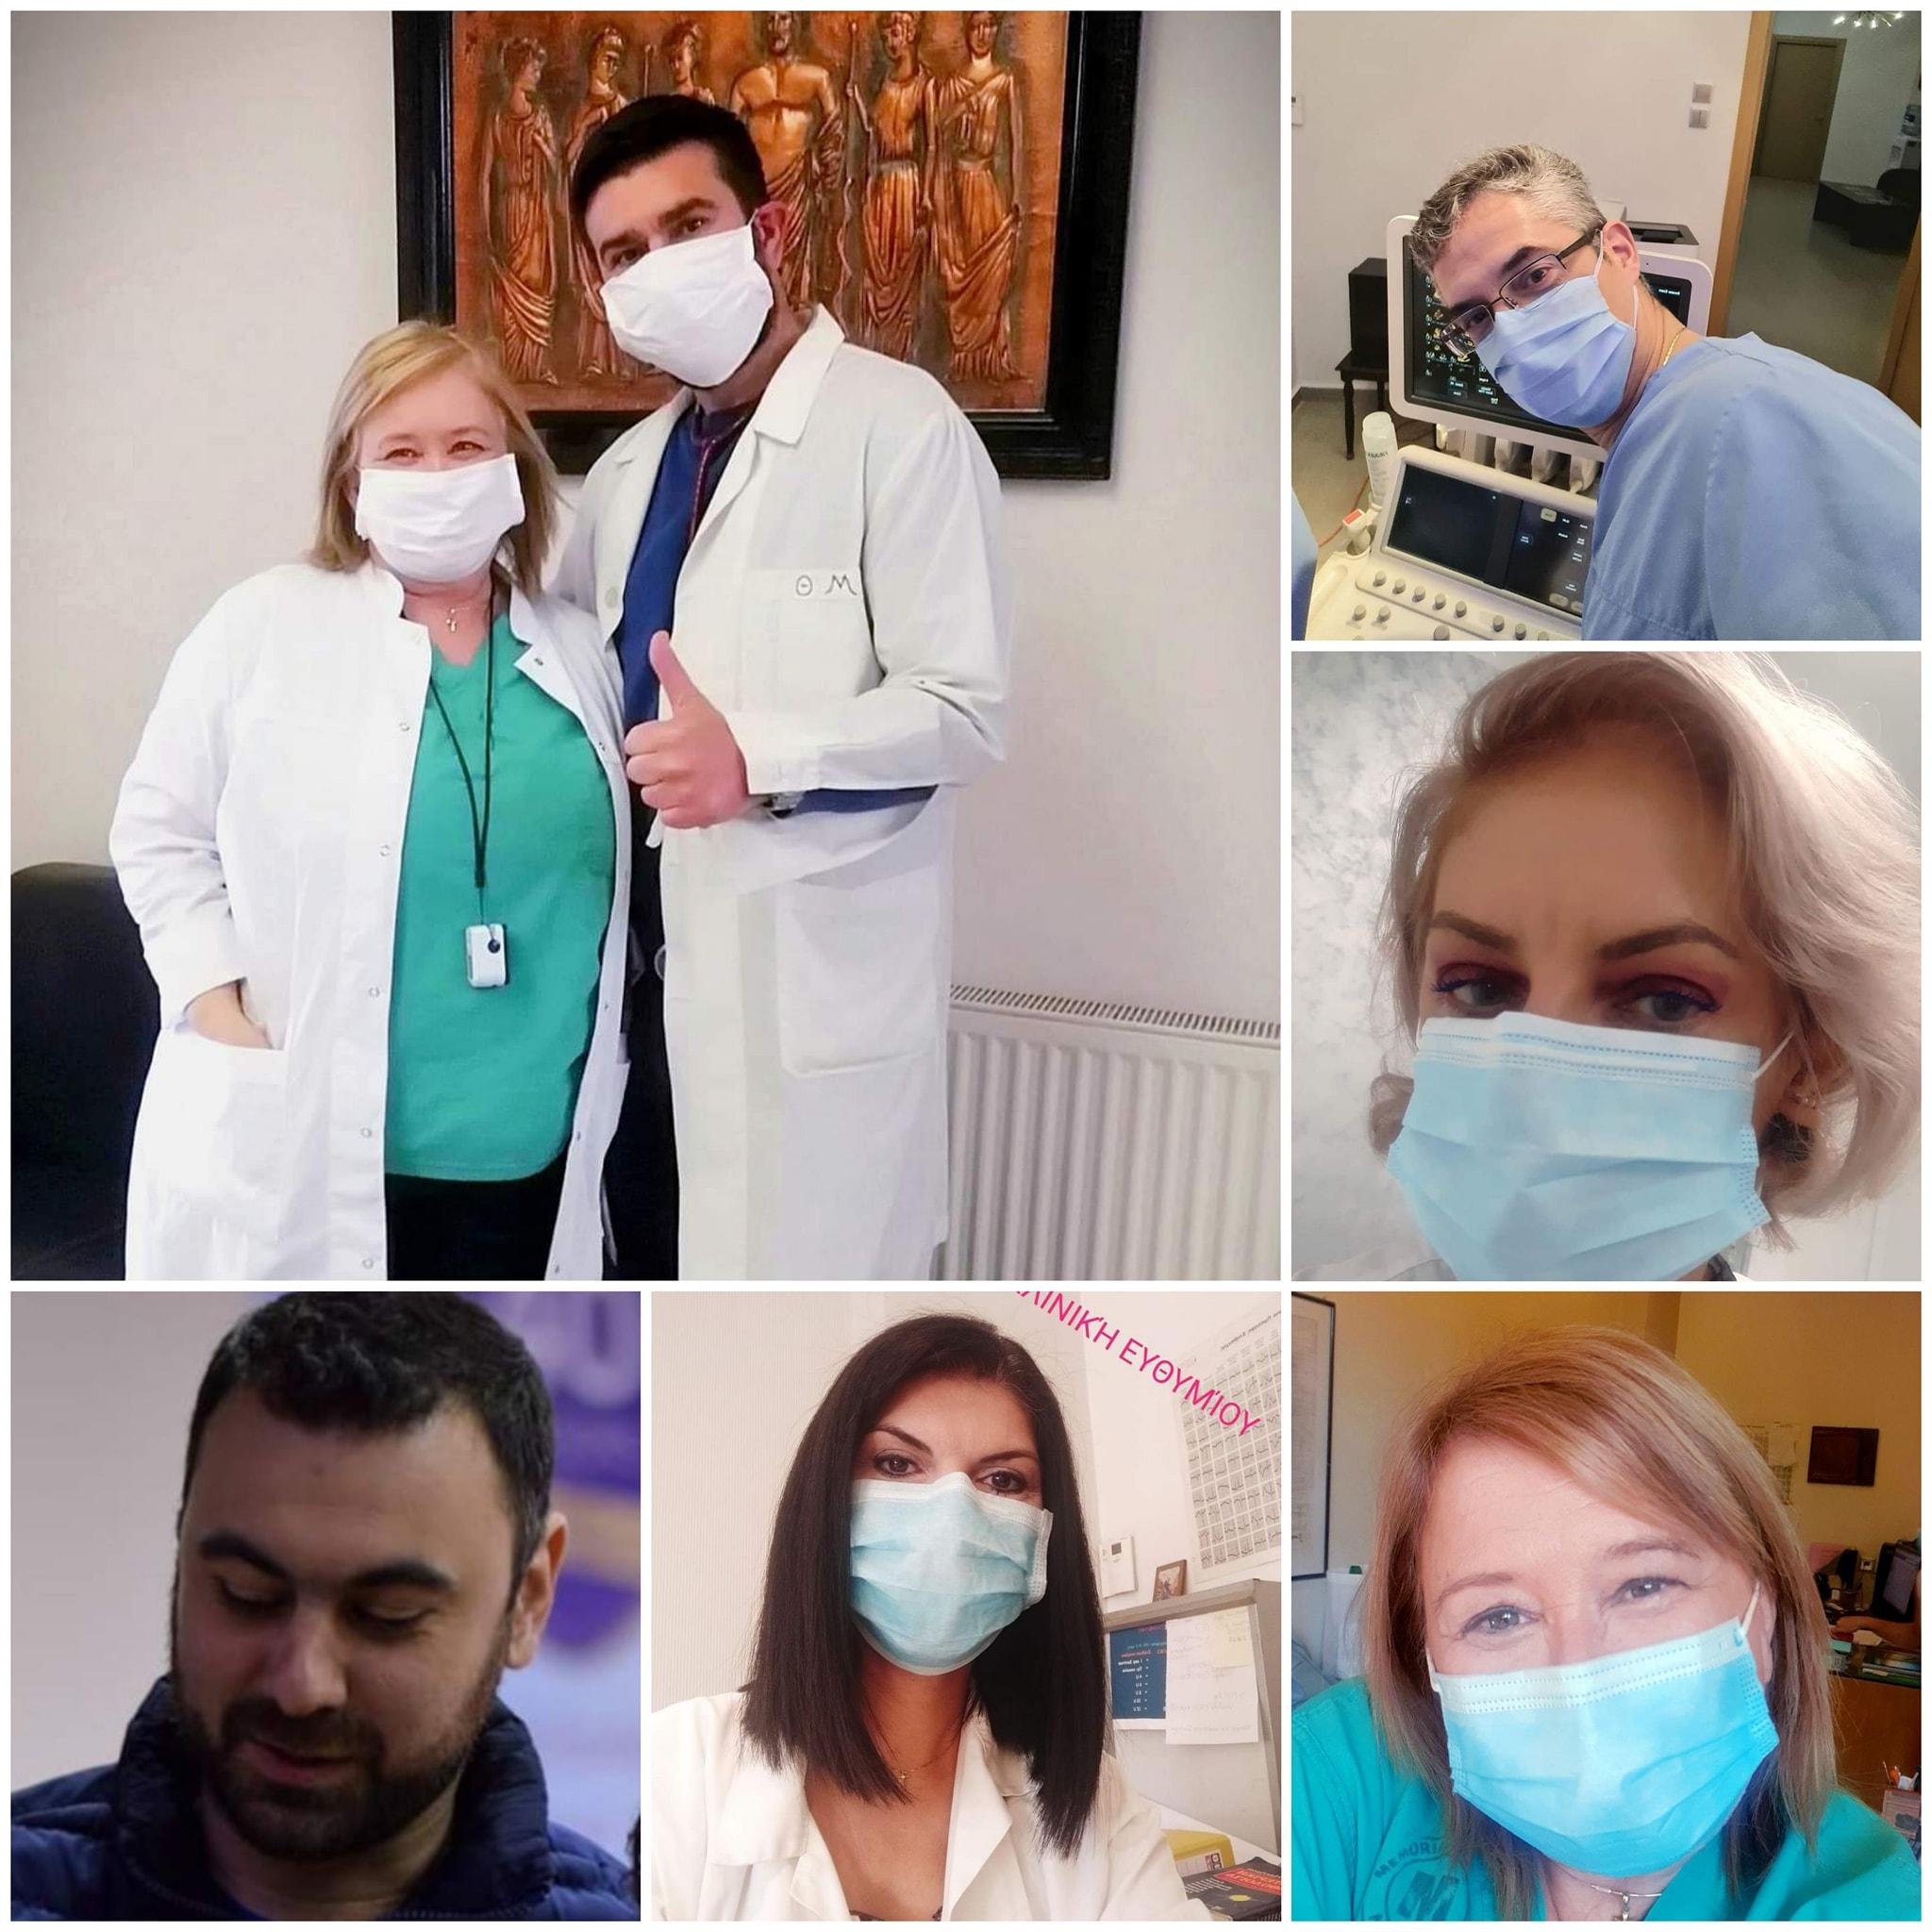 Σέρρες: 15 κλίνες για non covid ασθενείς προσφέρει στο ΕΣΥ η Κλινική Ευθυμίου